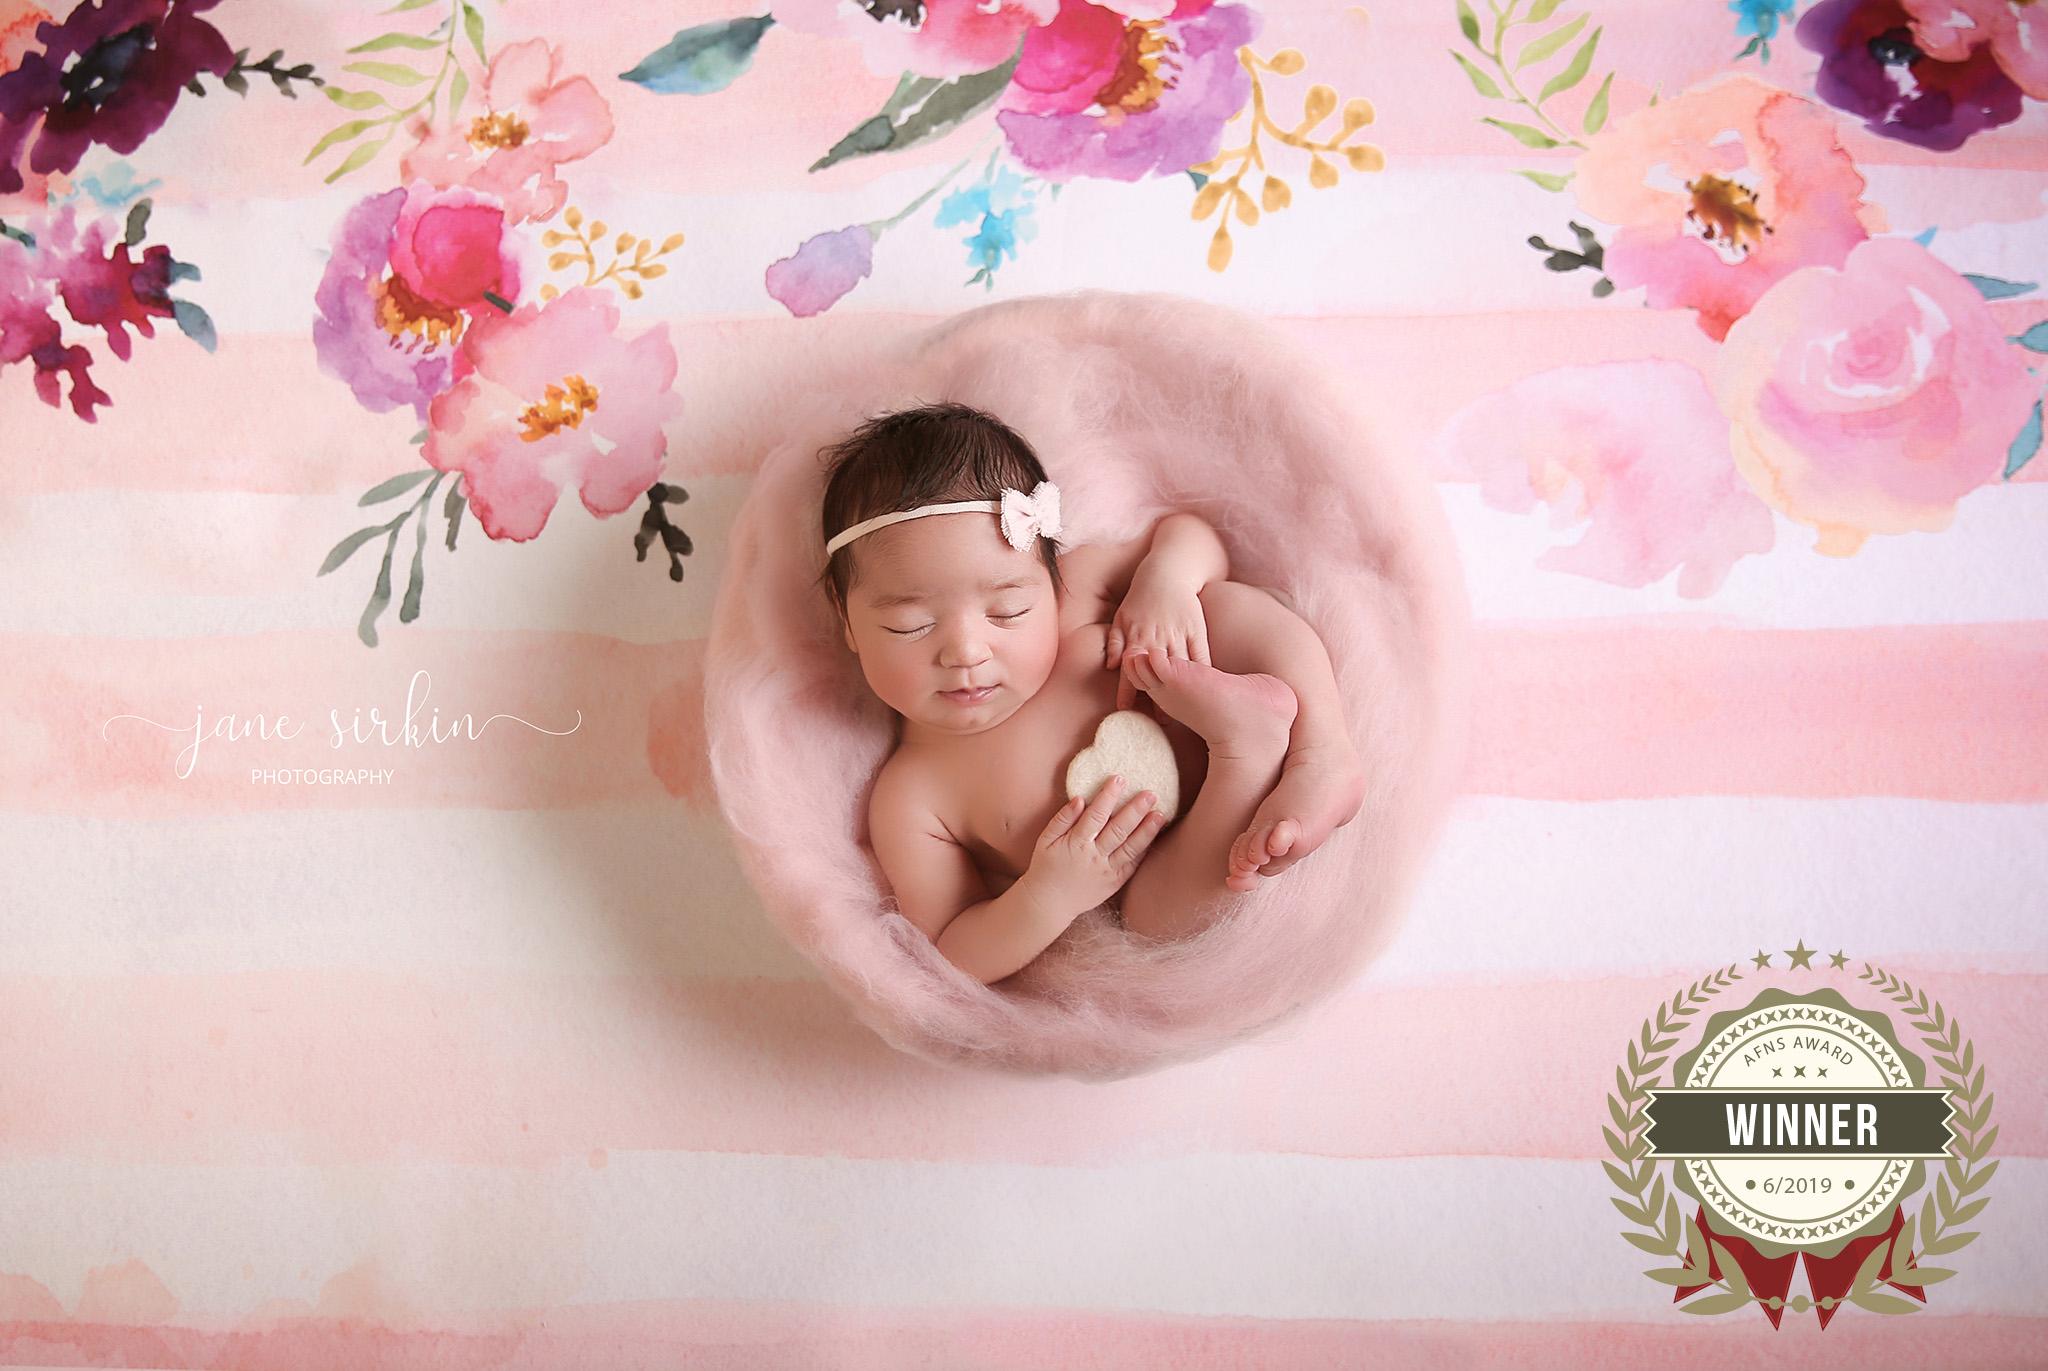 56906441_js_newborn_001.jpg